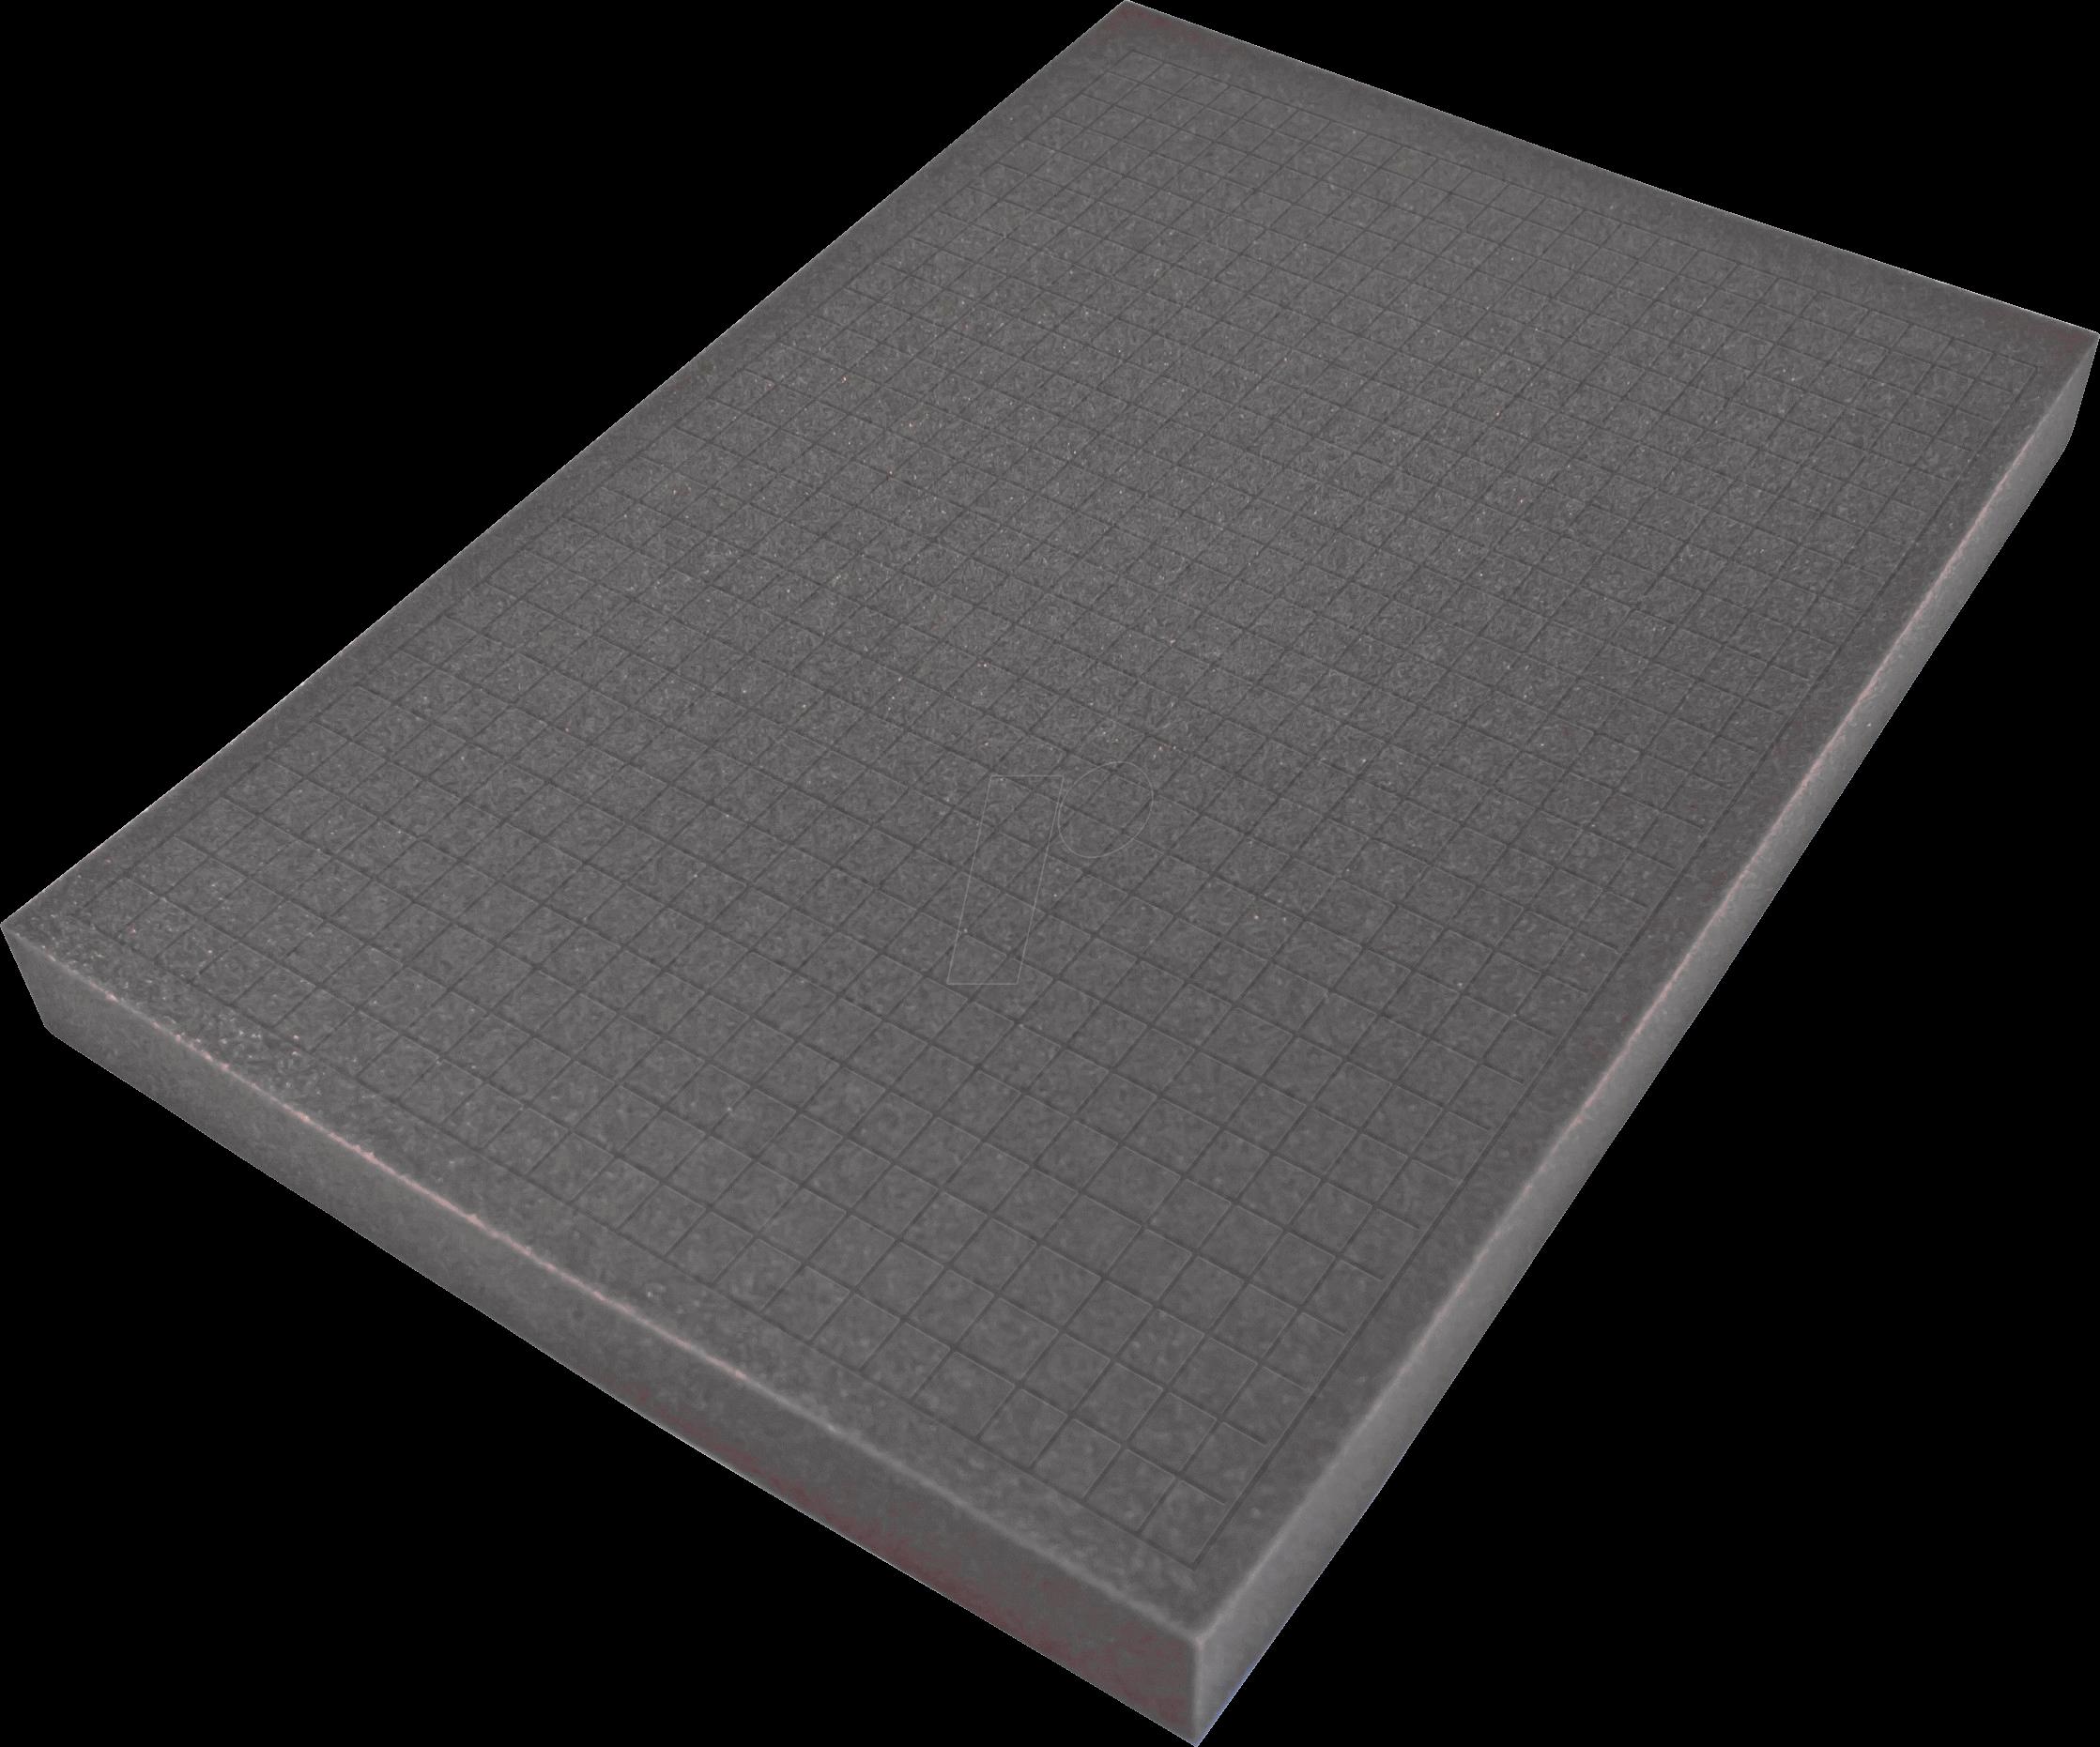 PEAKTECH 7270 S - Würfelschaumeinlage für PeakTech 7270, 490 x 340 x 40 mm